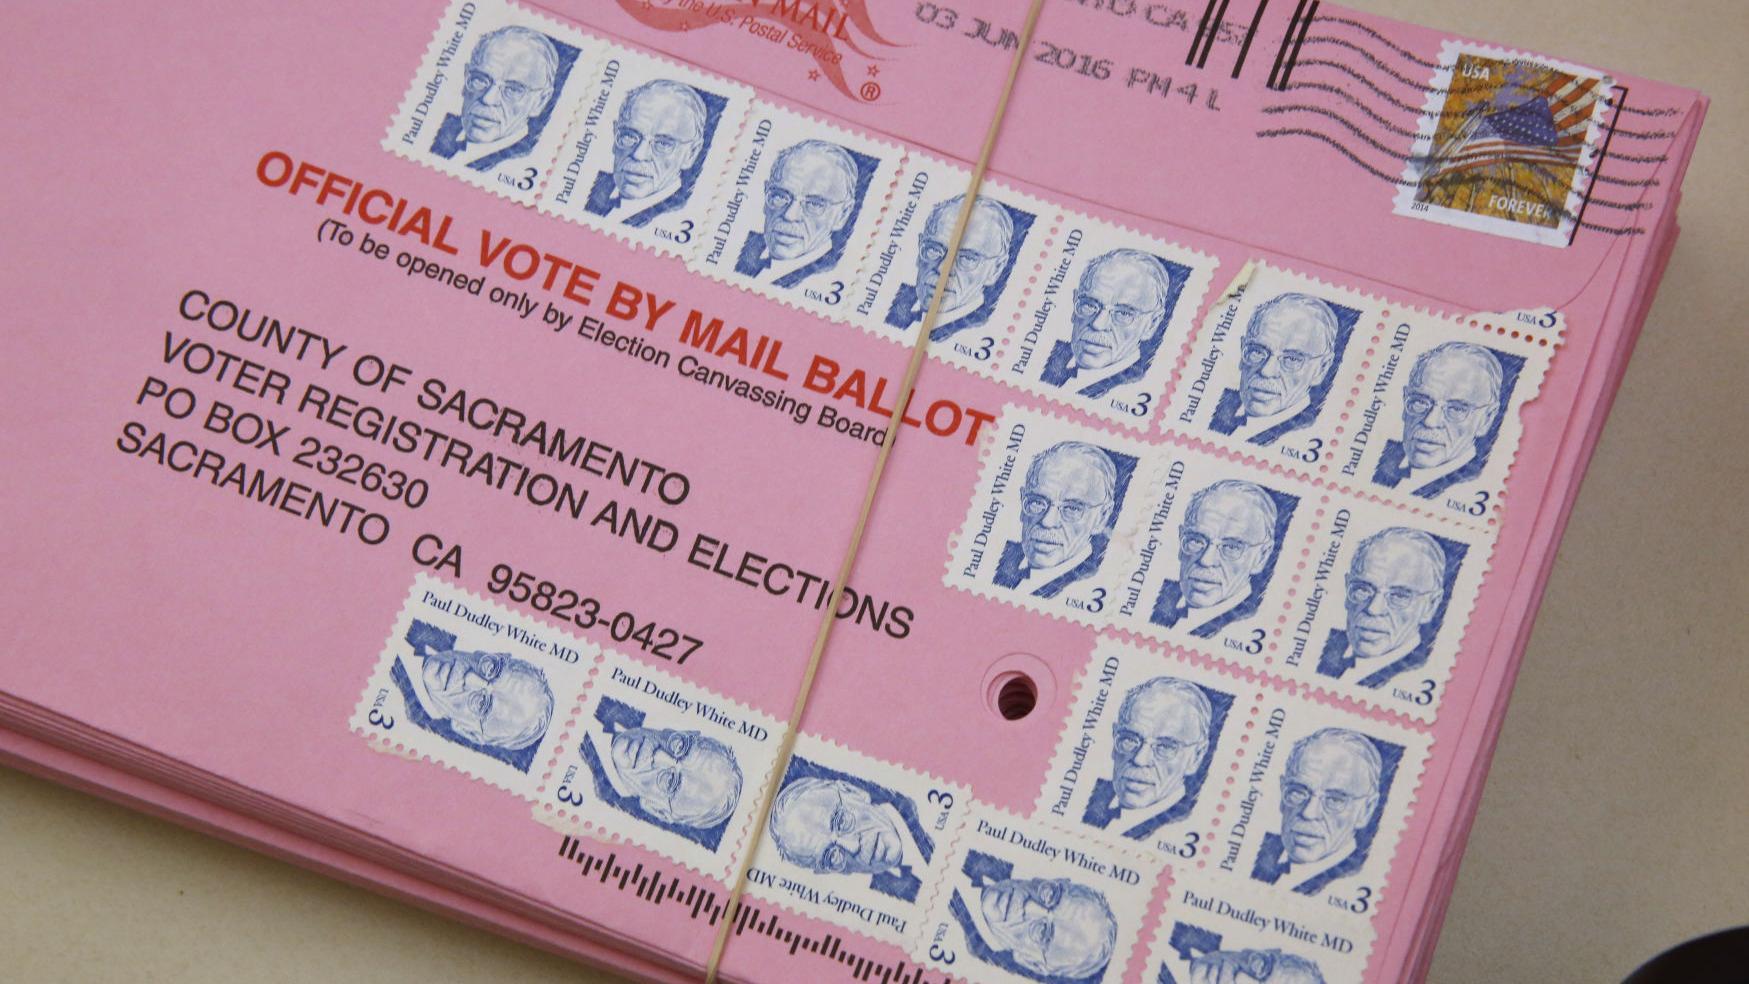 Anticipan elecciones costosas en Estados Unidos